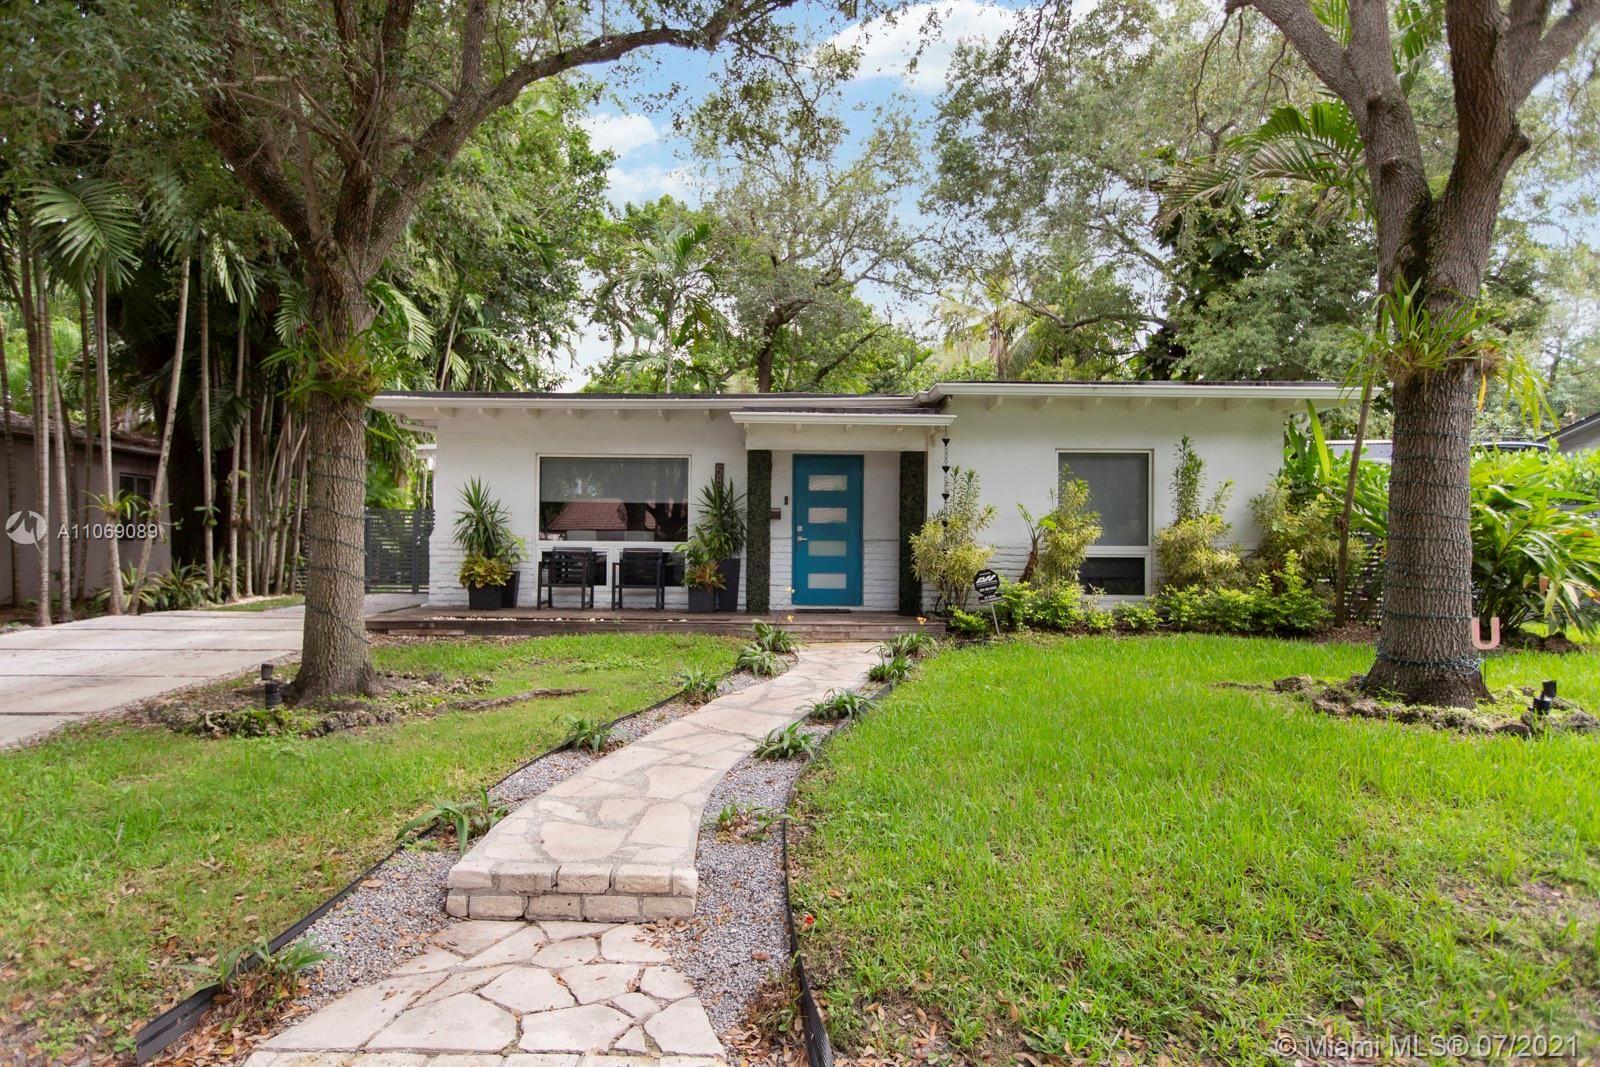 5851 SW 49th St, Miami, FL 33155 - #: A11069089